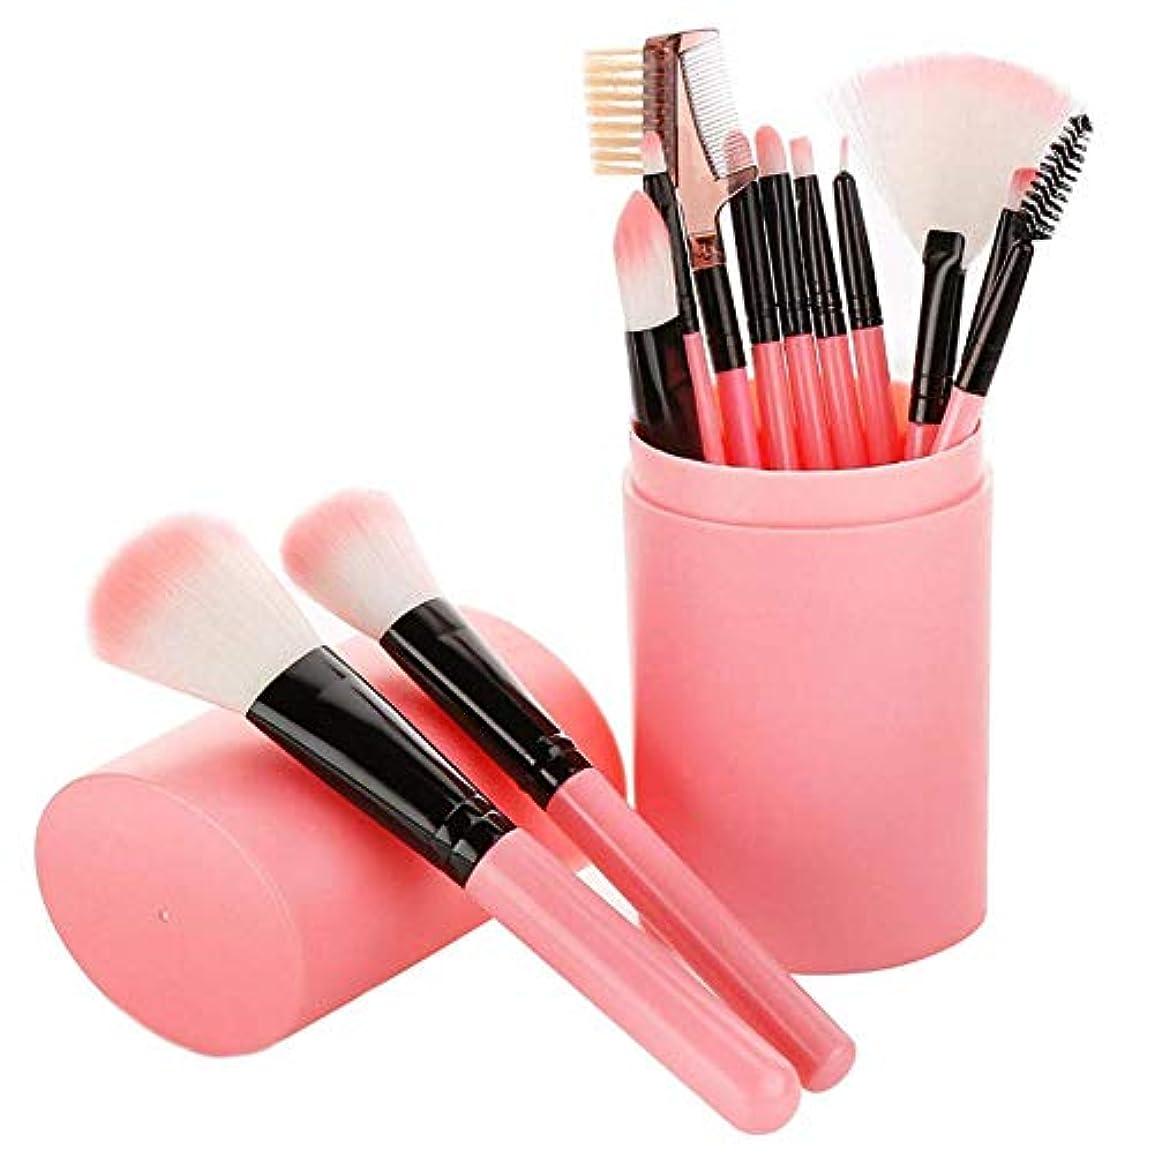 Poonikuuメイクセット 化粧ブラシ 化粧筆組 コスメ ブラシ メークアップブラシ メークアップツール 全顔対応ブラシ 12本セット プラスチックバケツ付き スタイル5